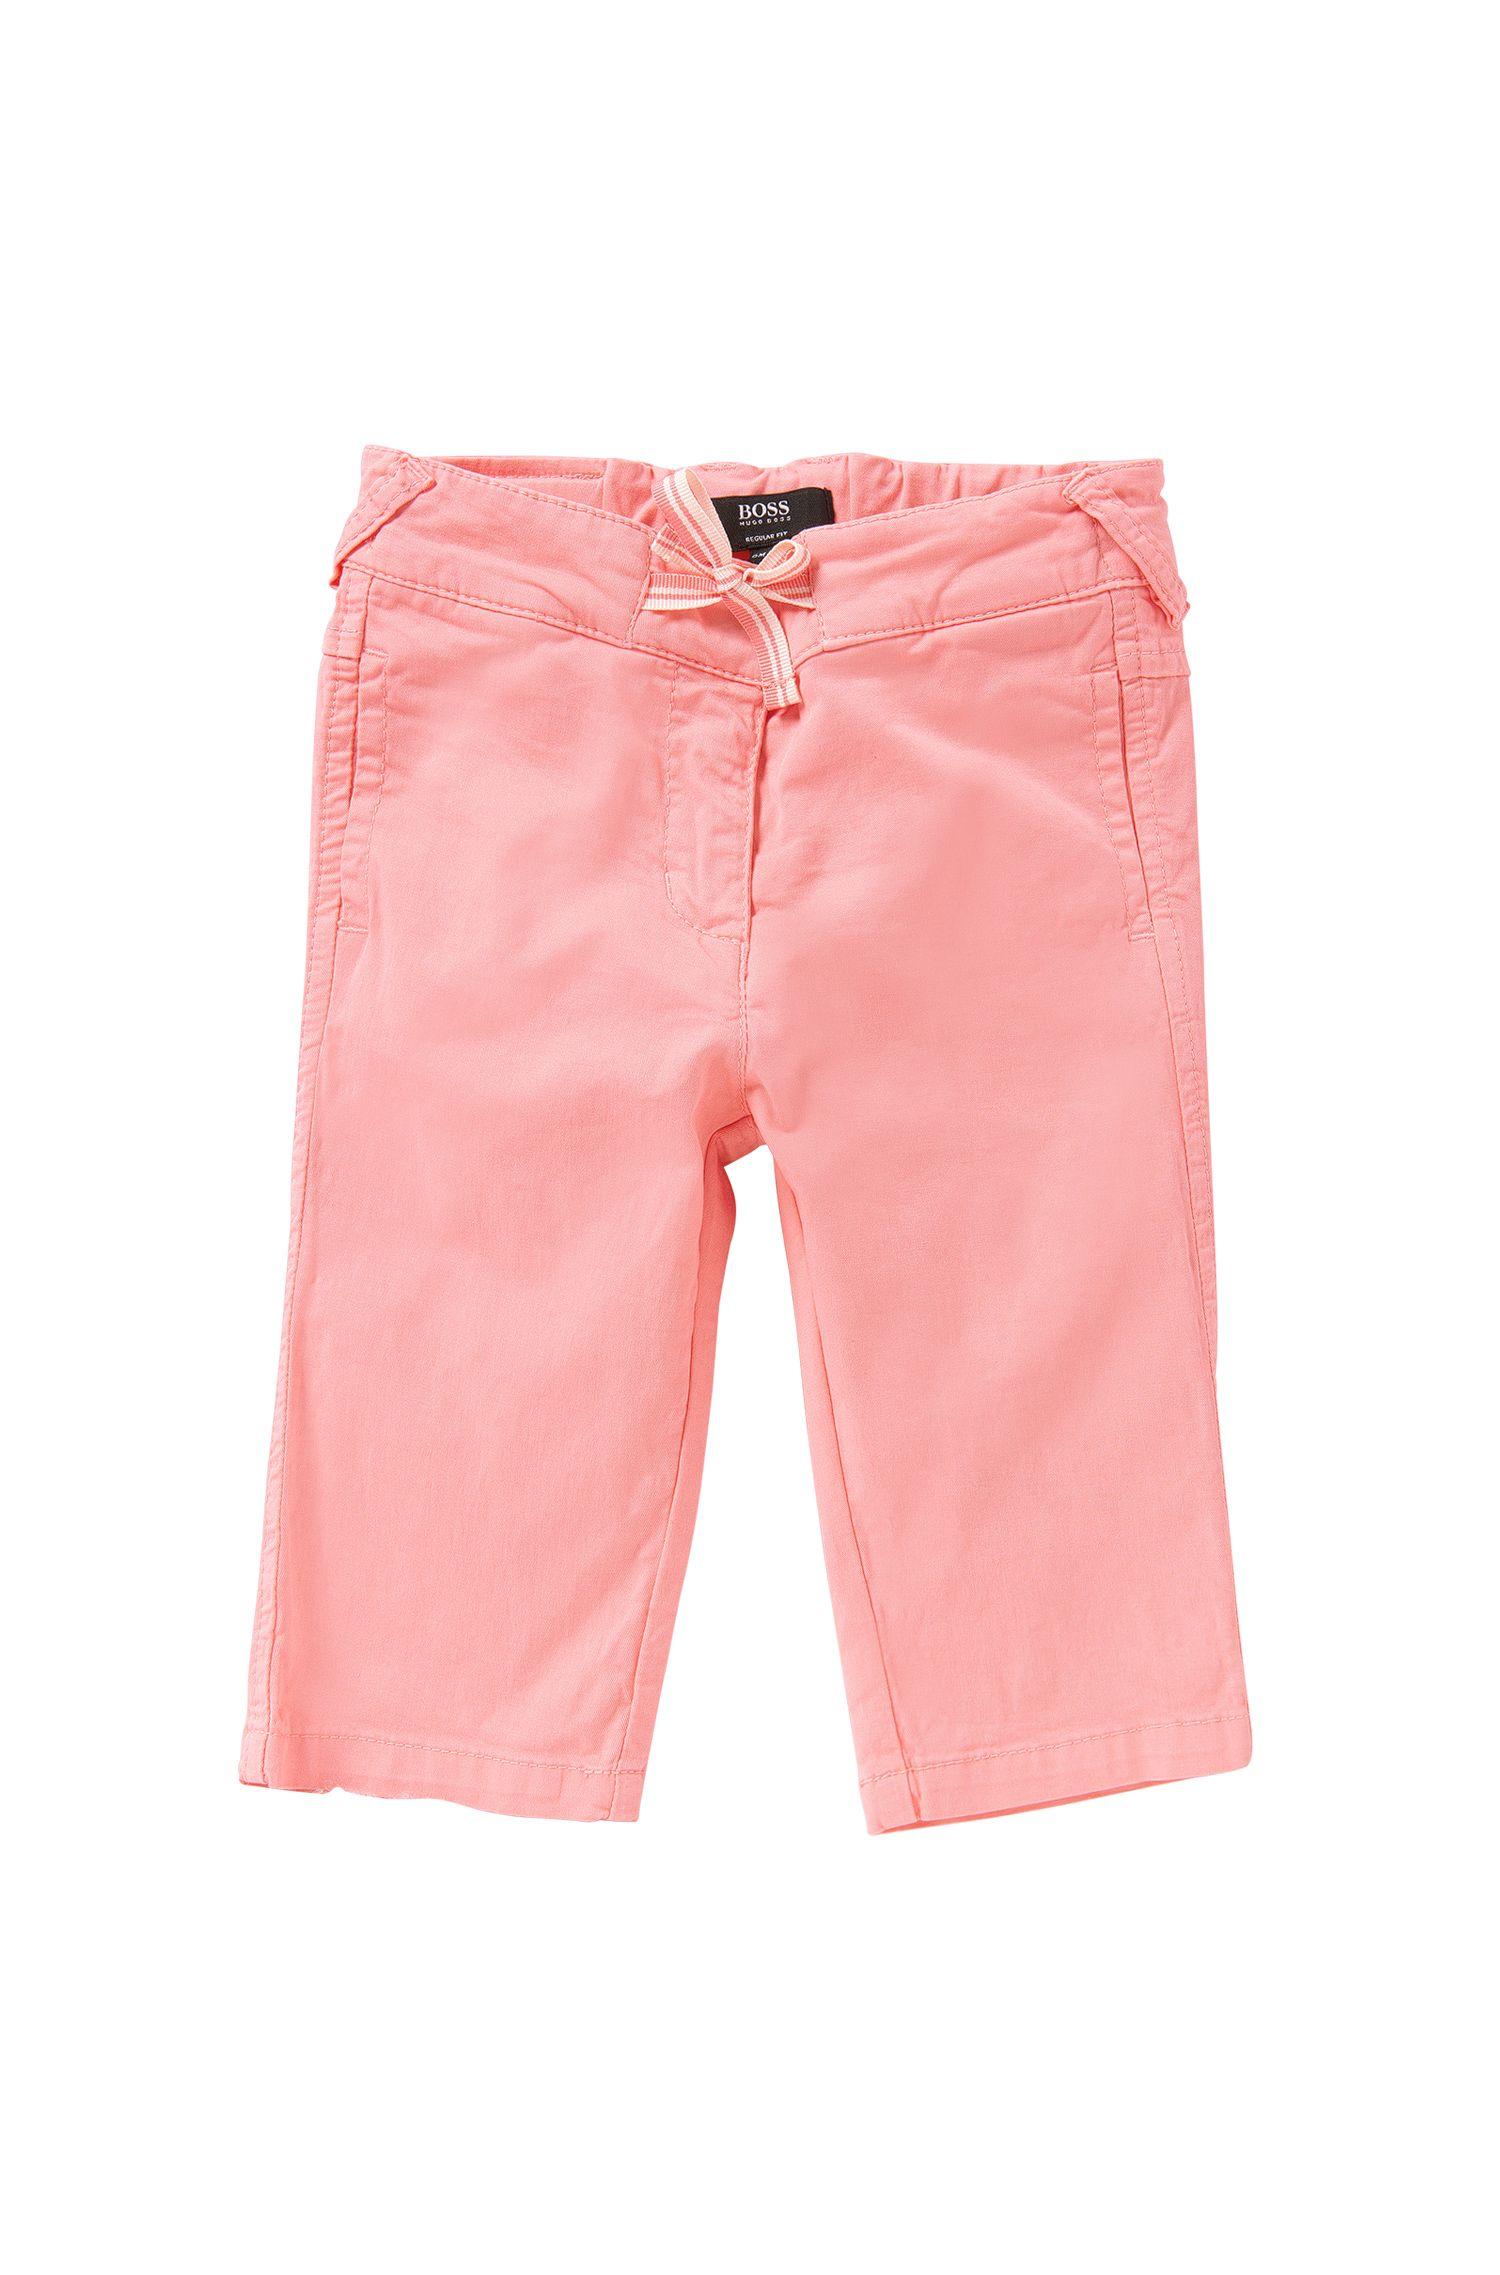 Pantaloncini per neonati in cotone elasticizzato con fusciacca decorativa: 'J04232'